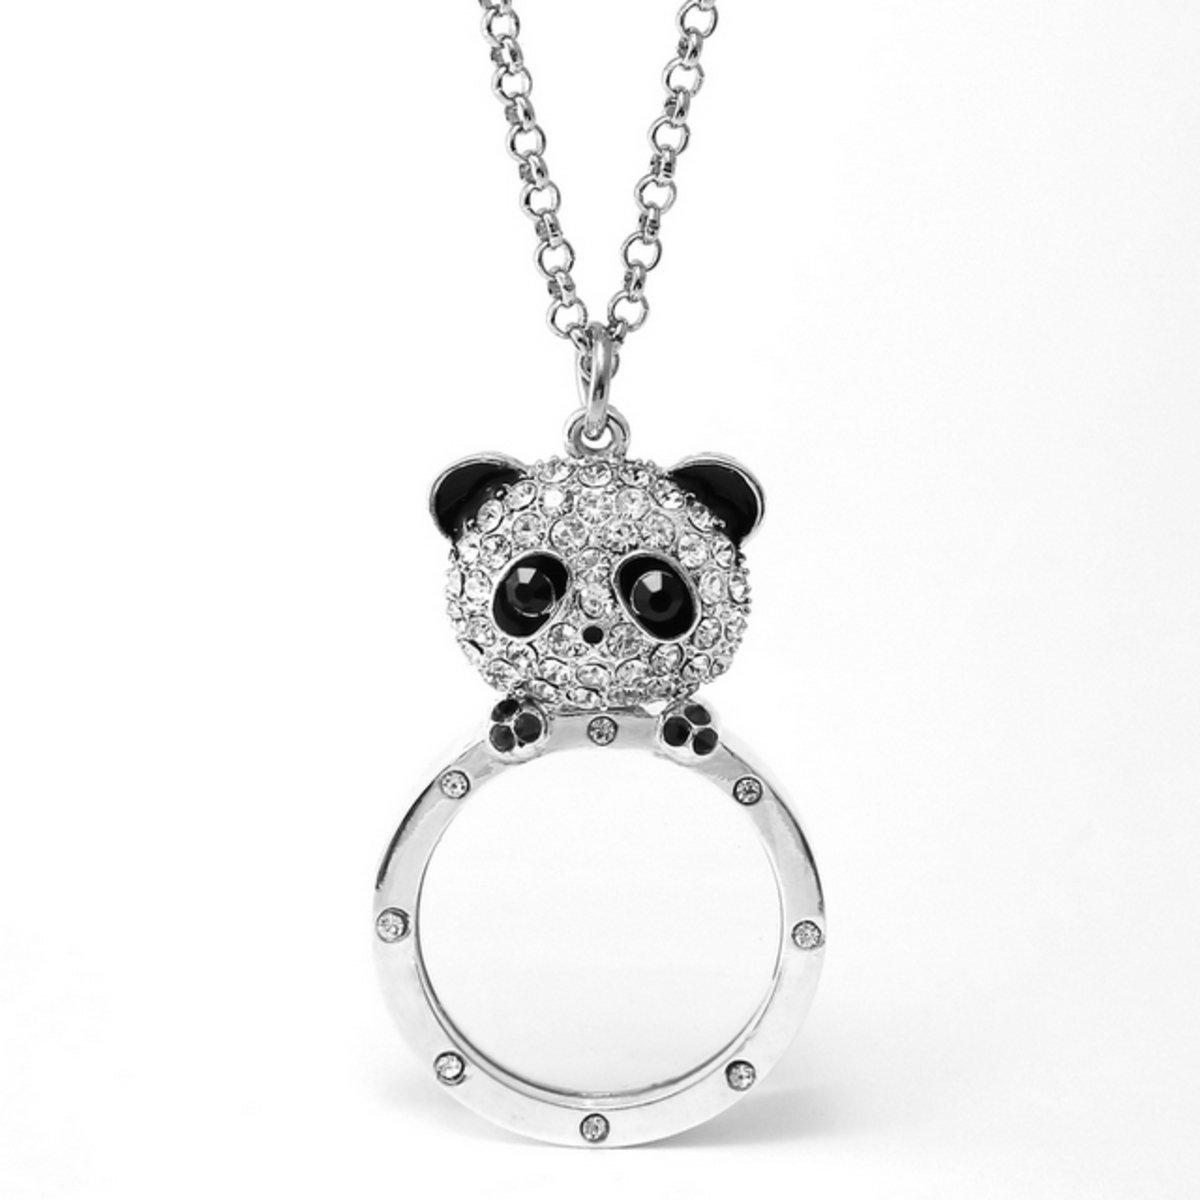 熊貓放大鏡頸鍊